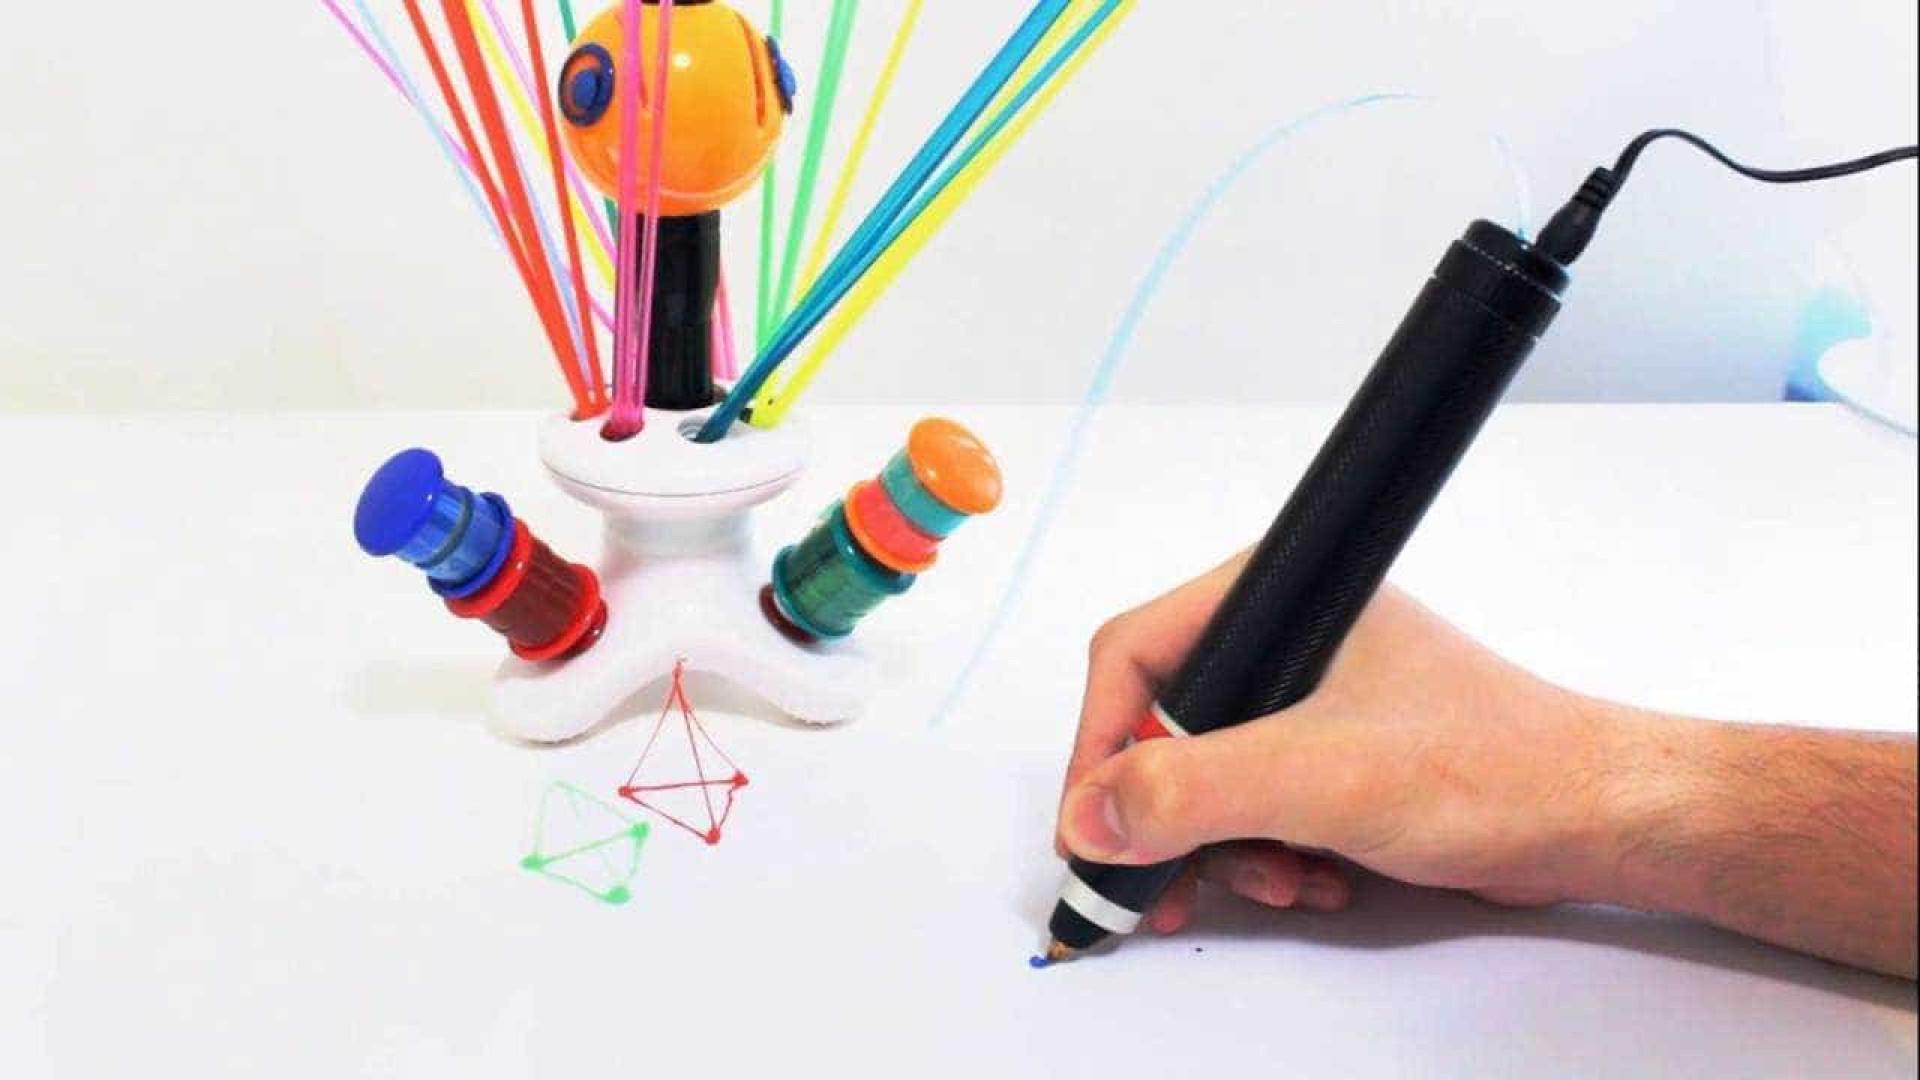 Caneta especial permite desenhar  em 3D com garrafa de plástico